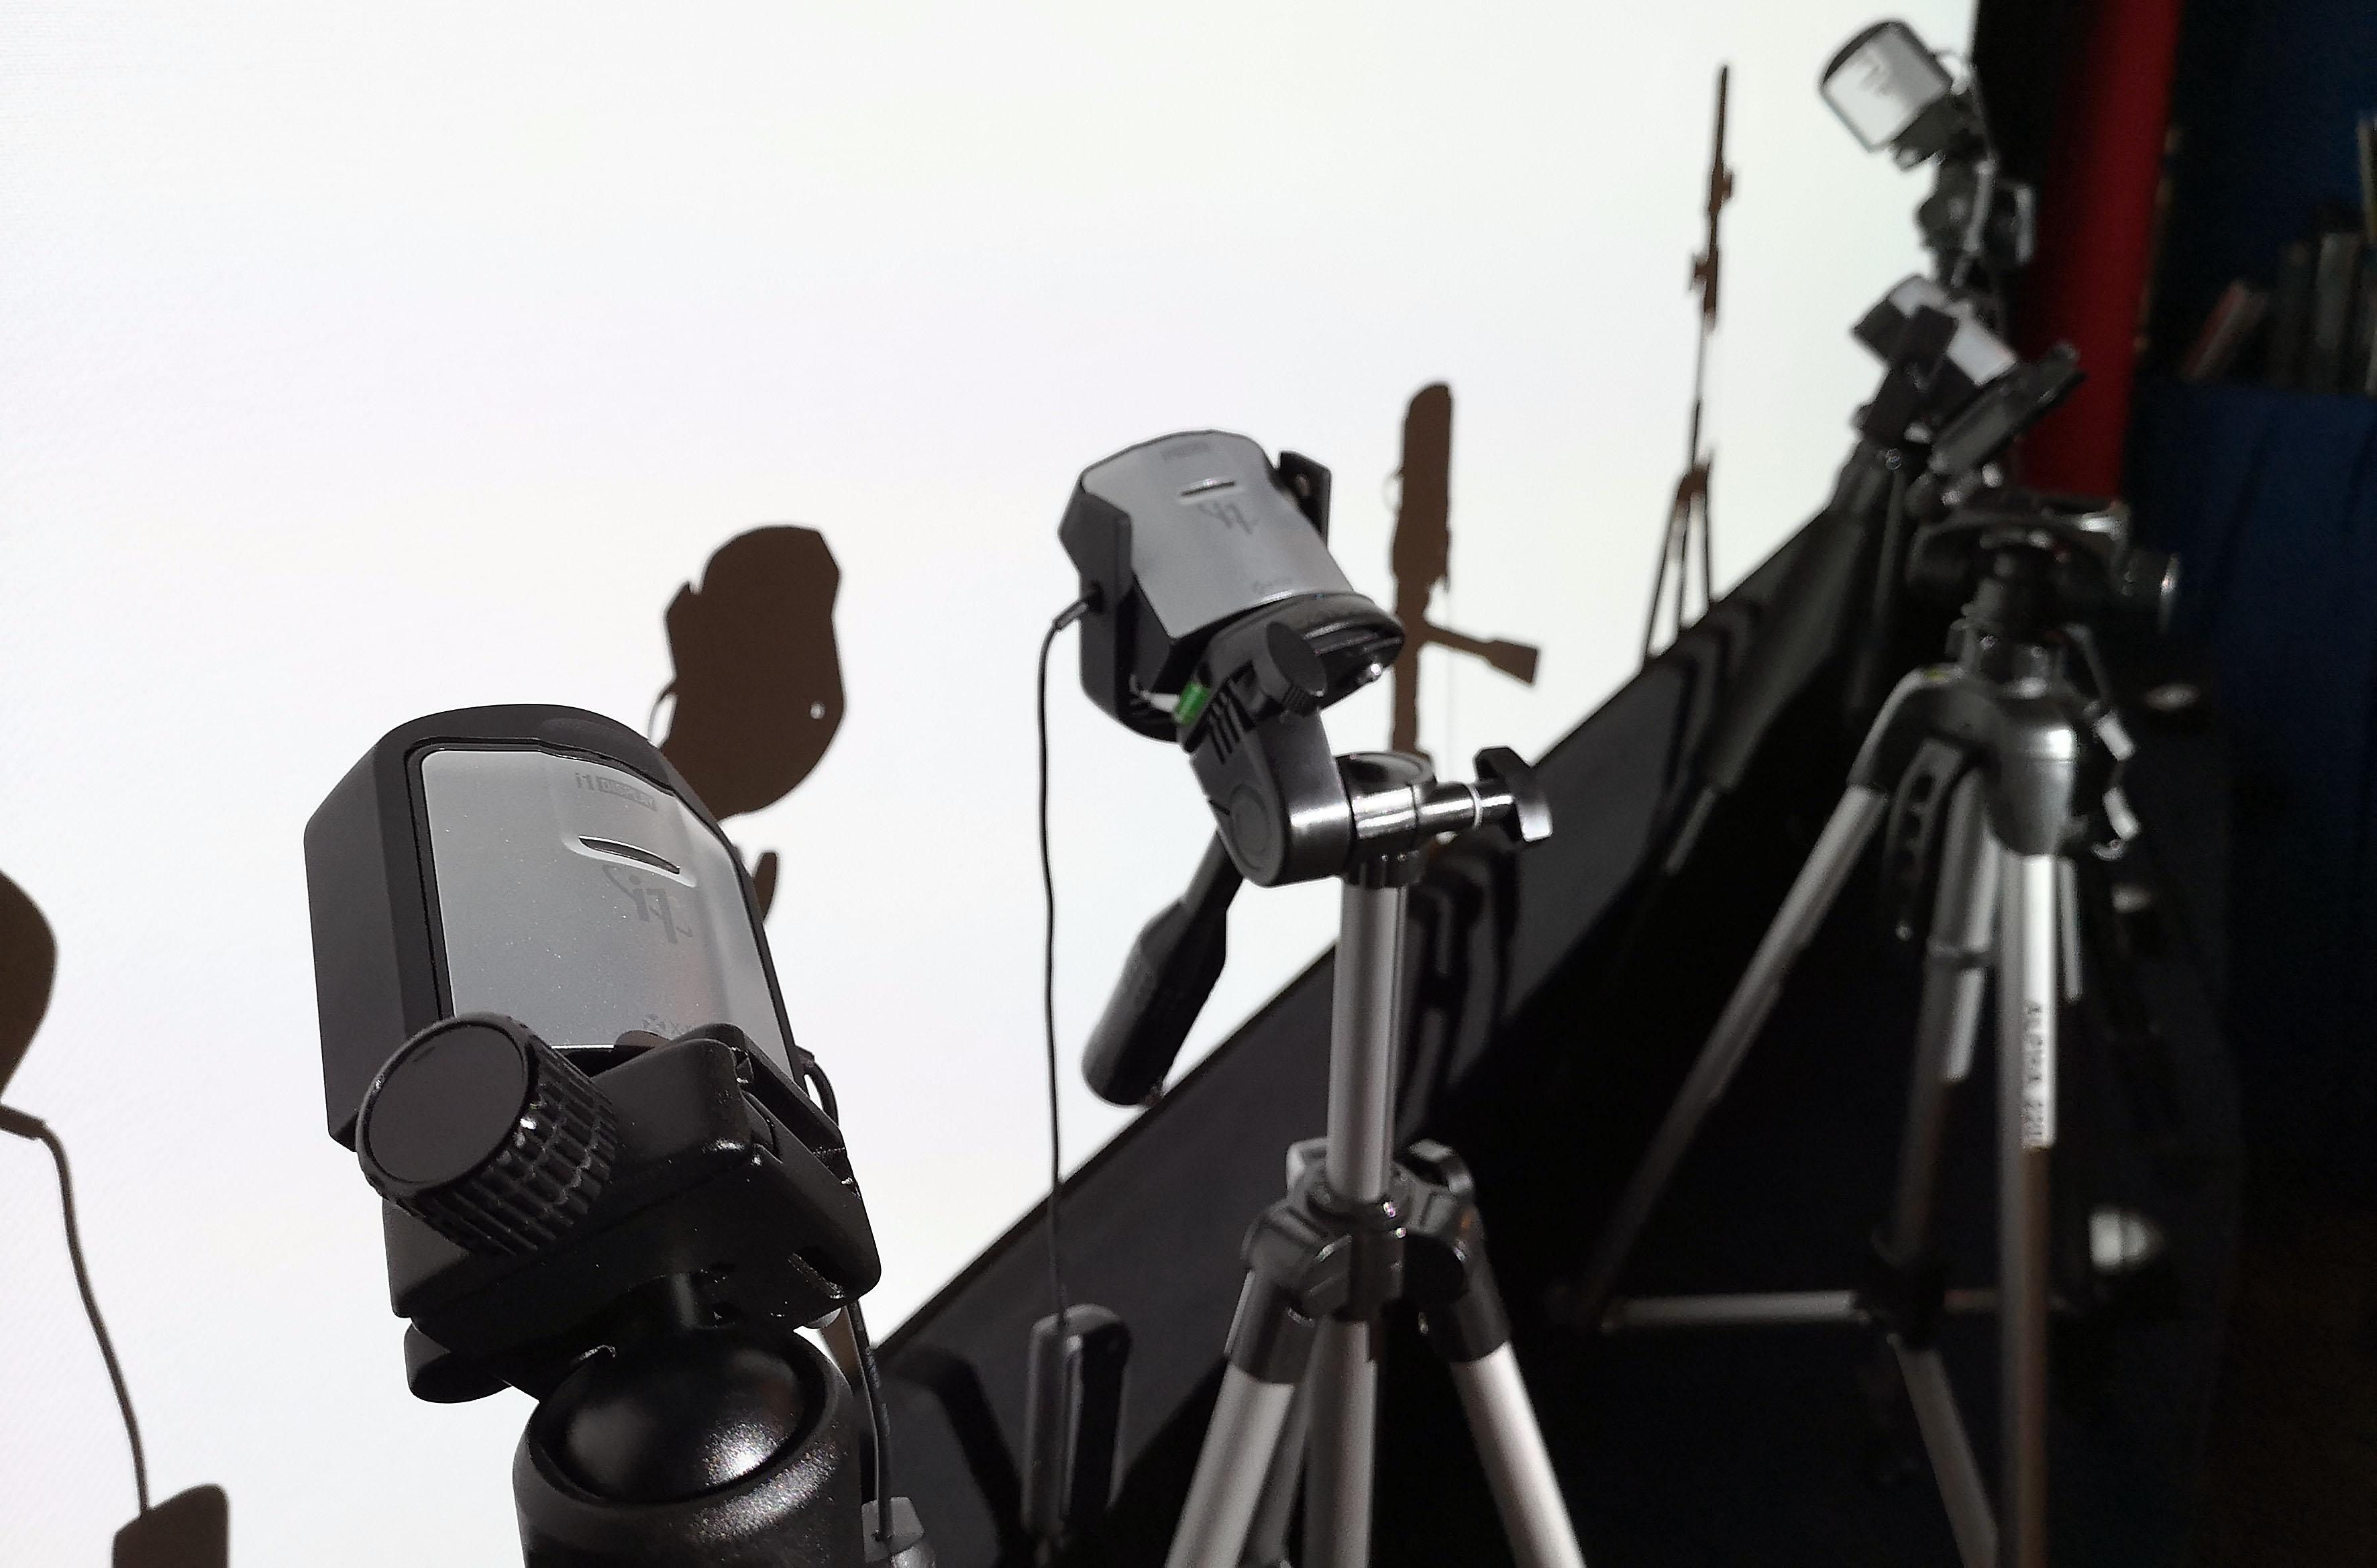 Foto: Michael B. Rehders - Noch während der Pause wurden die ersten Sensoren in Stellung gebracht.